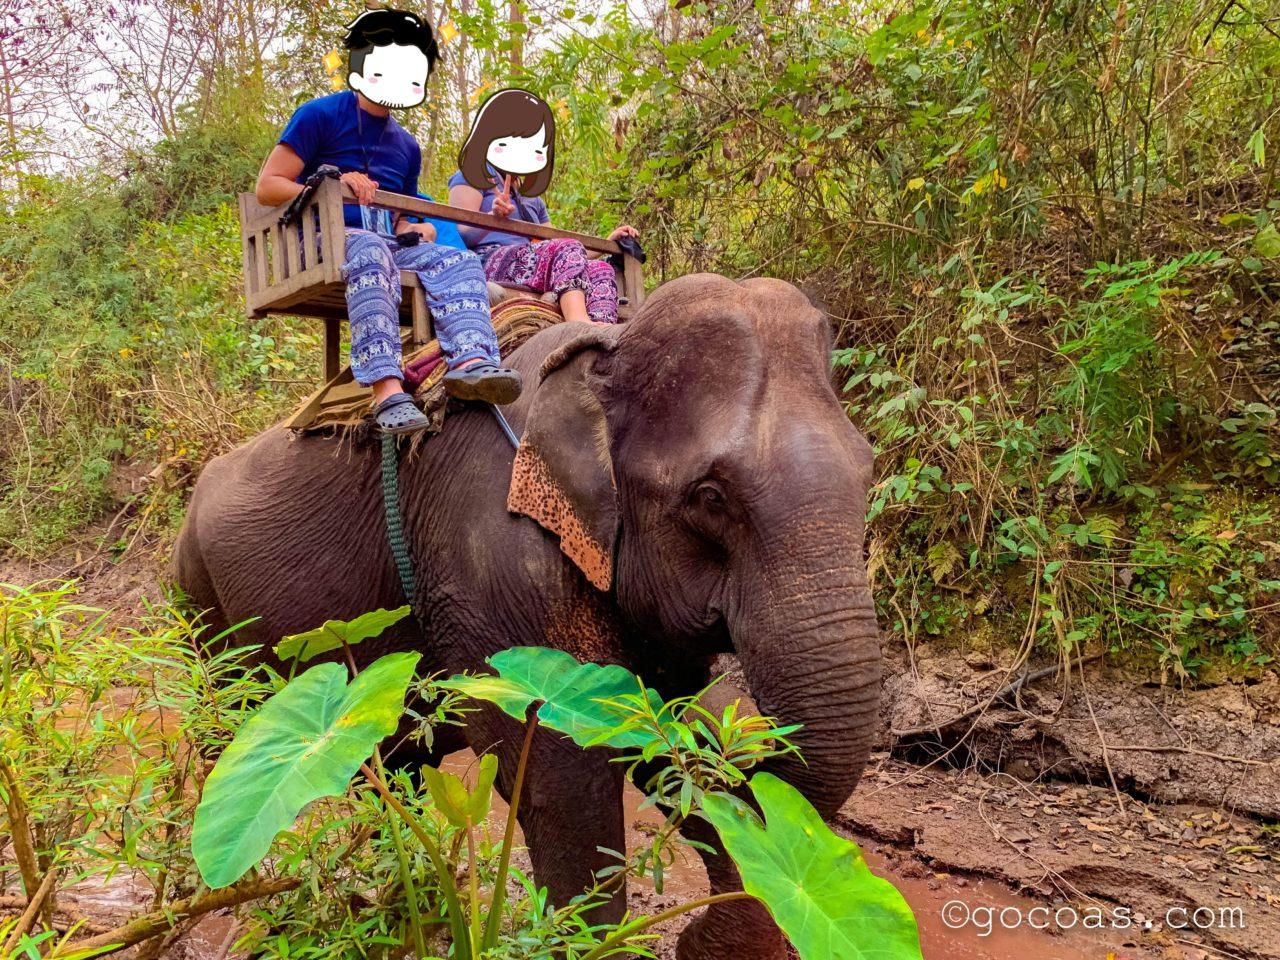 象使い体験で象に乗った夫婦2人